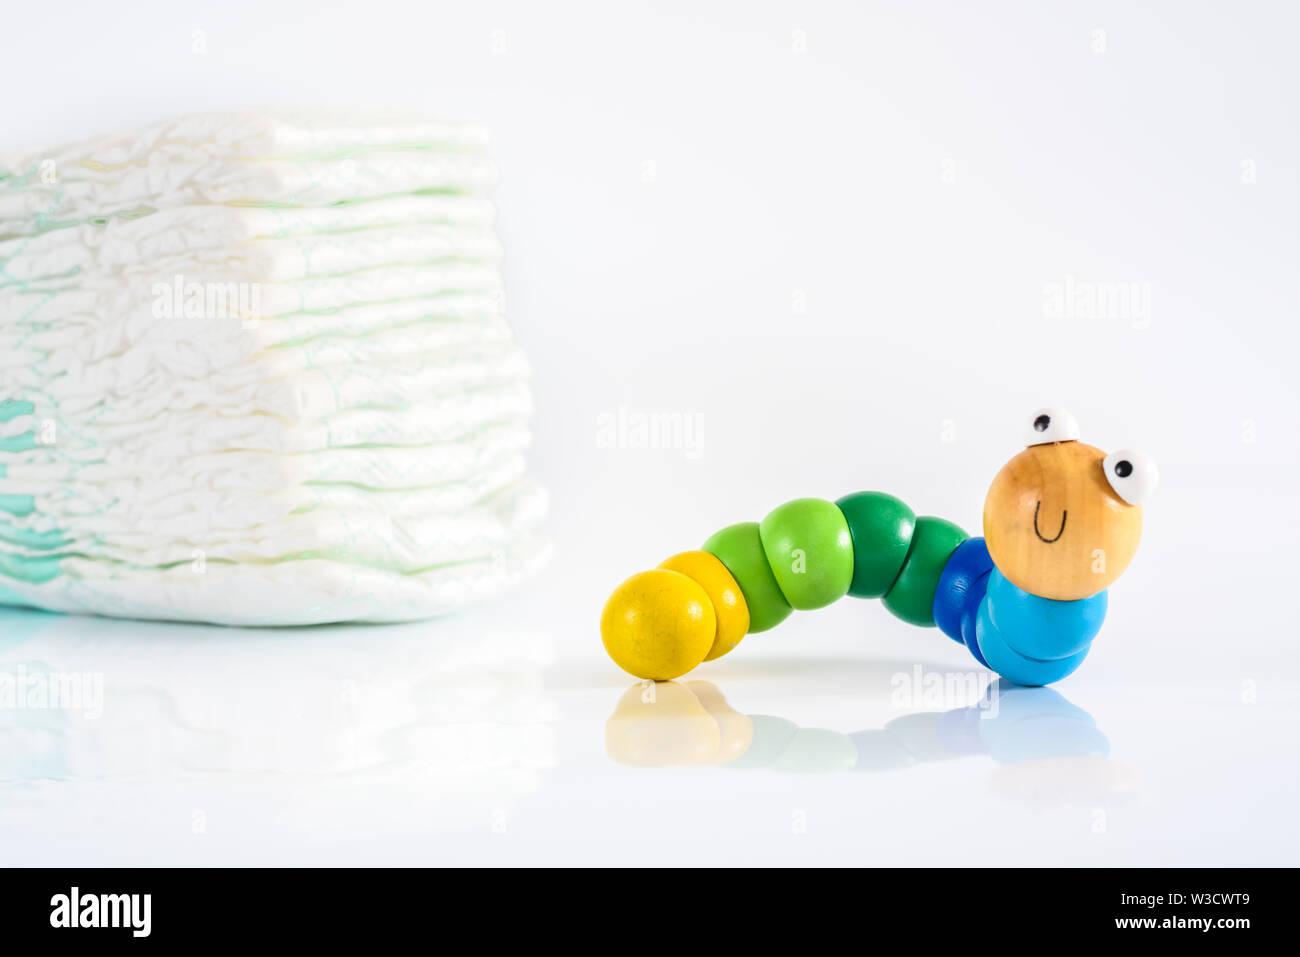 Toy ver avec sourire à côté d'une pile de couches, pour illustrer les concepts de la santé et de l'enfance maladies intestinales. Isolated on white Photo Stock